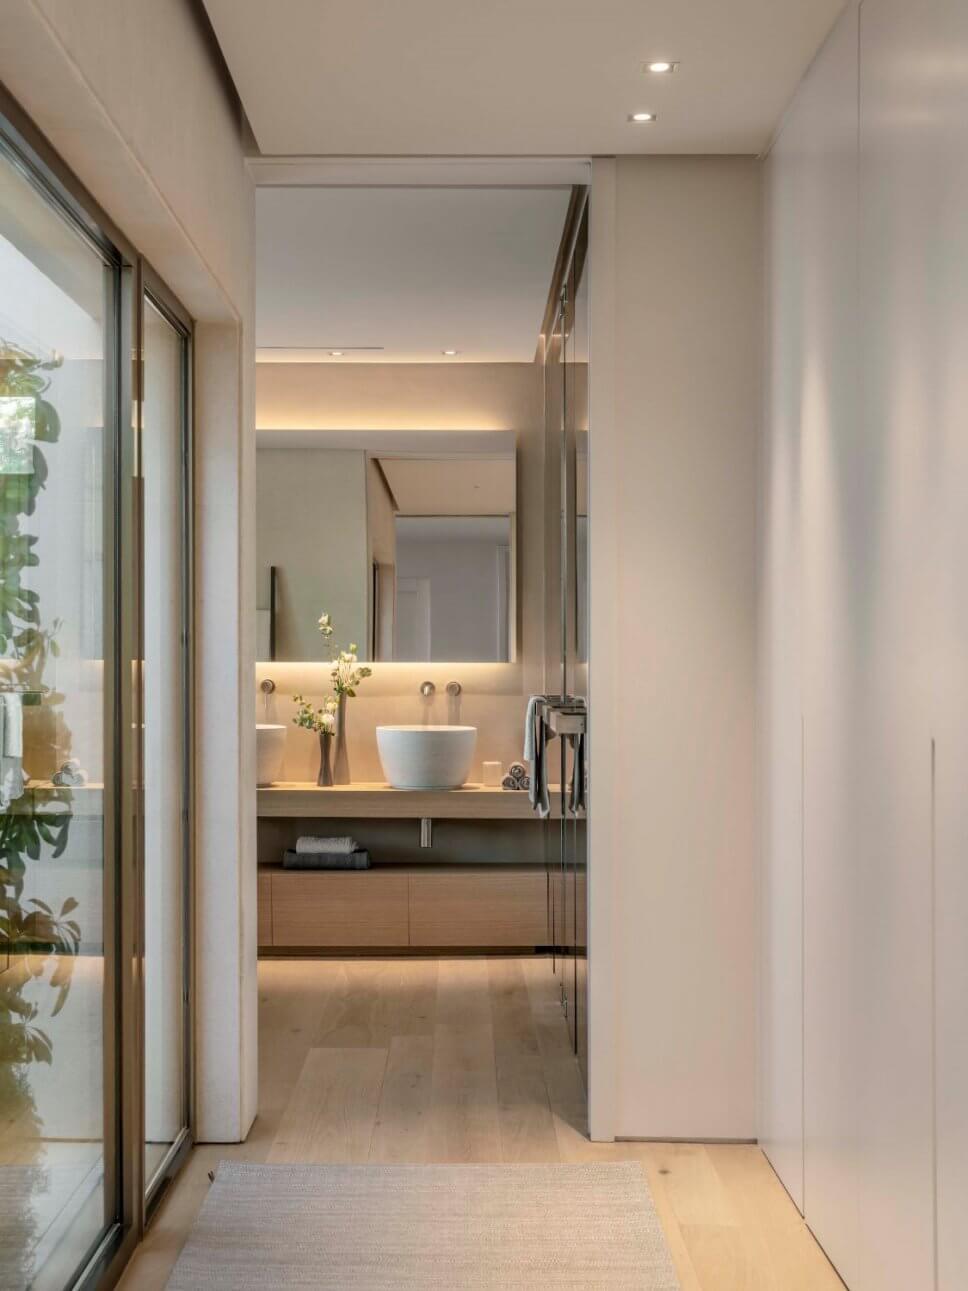 Blick in modernes Badezimmer mit Aufsatzbecken